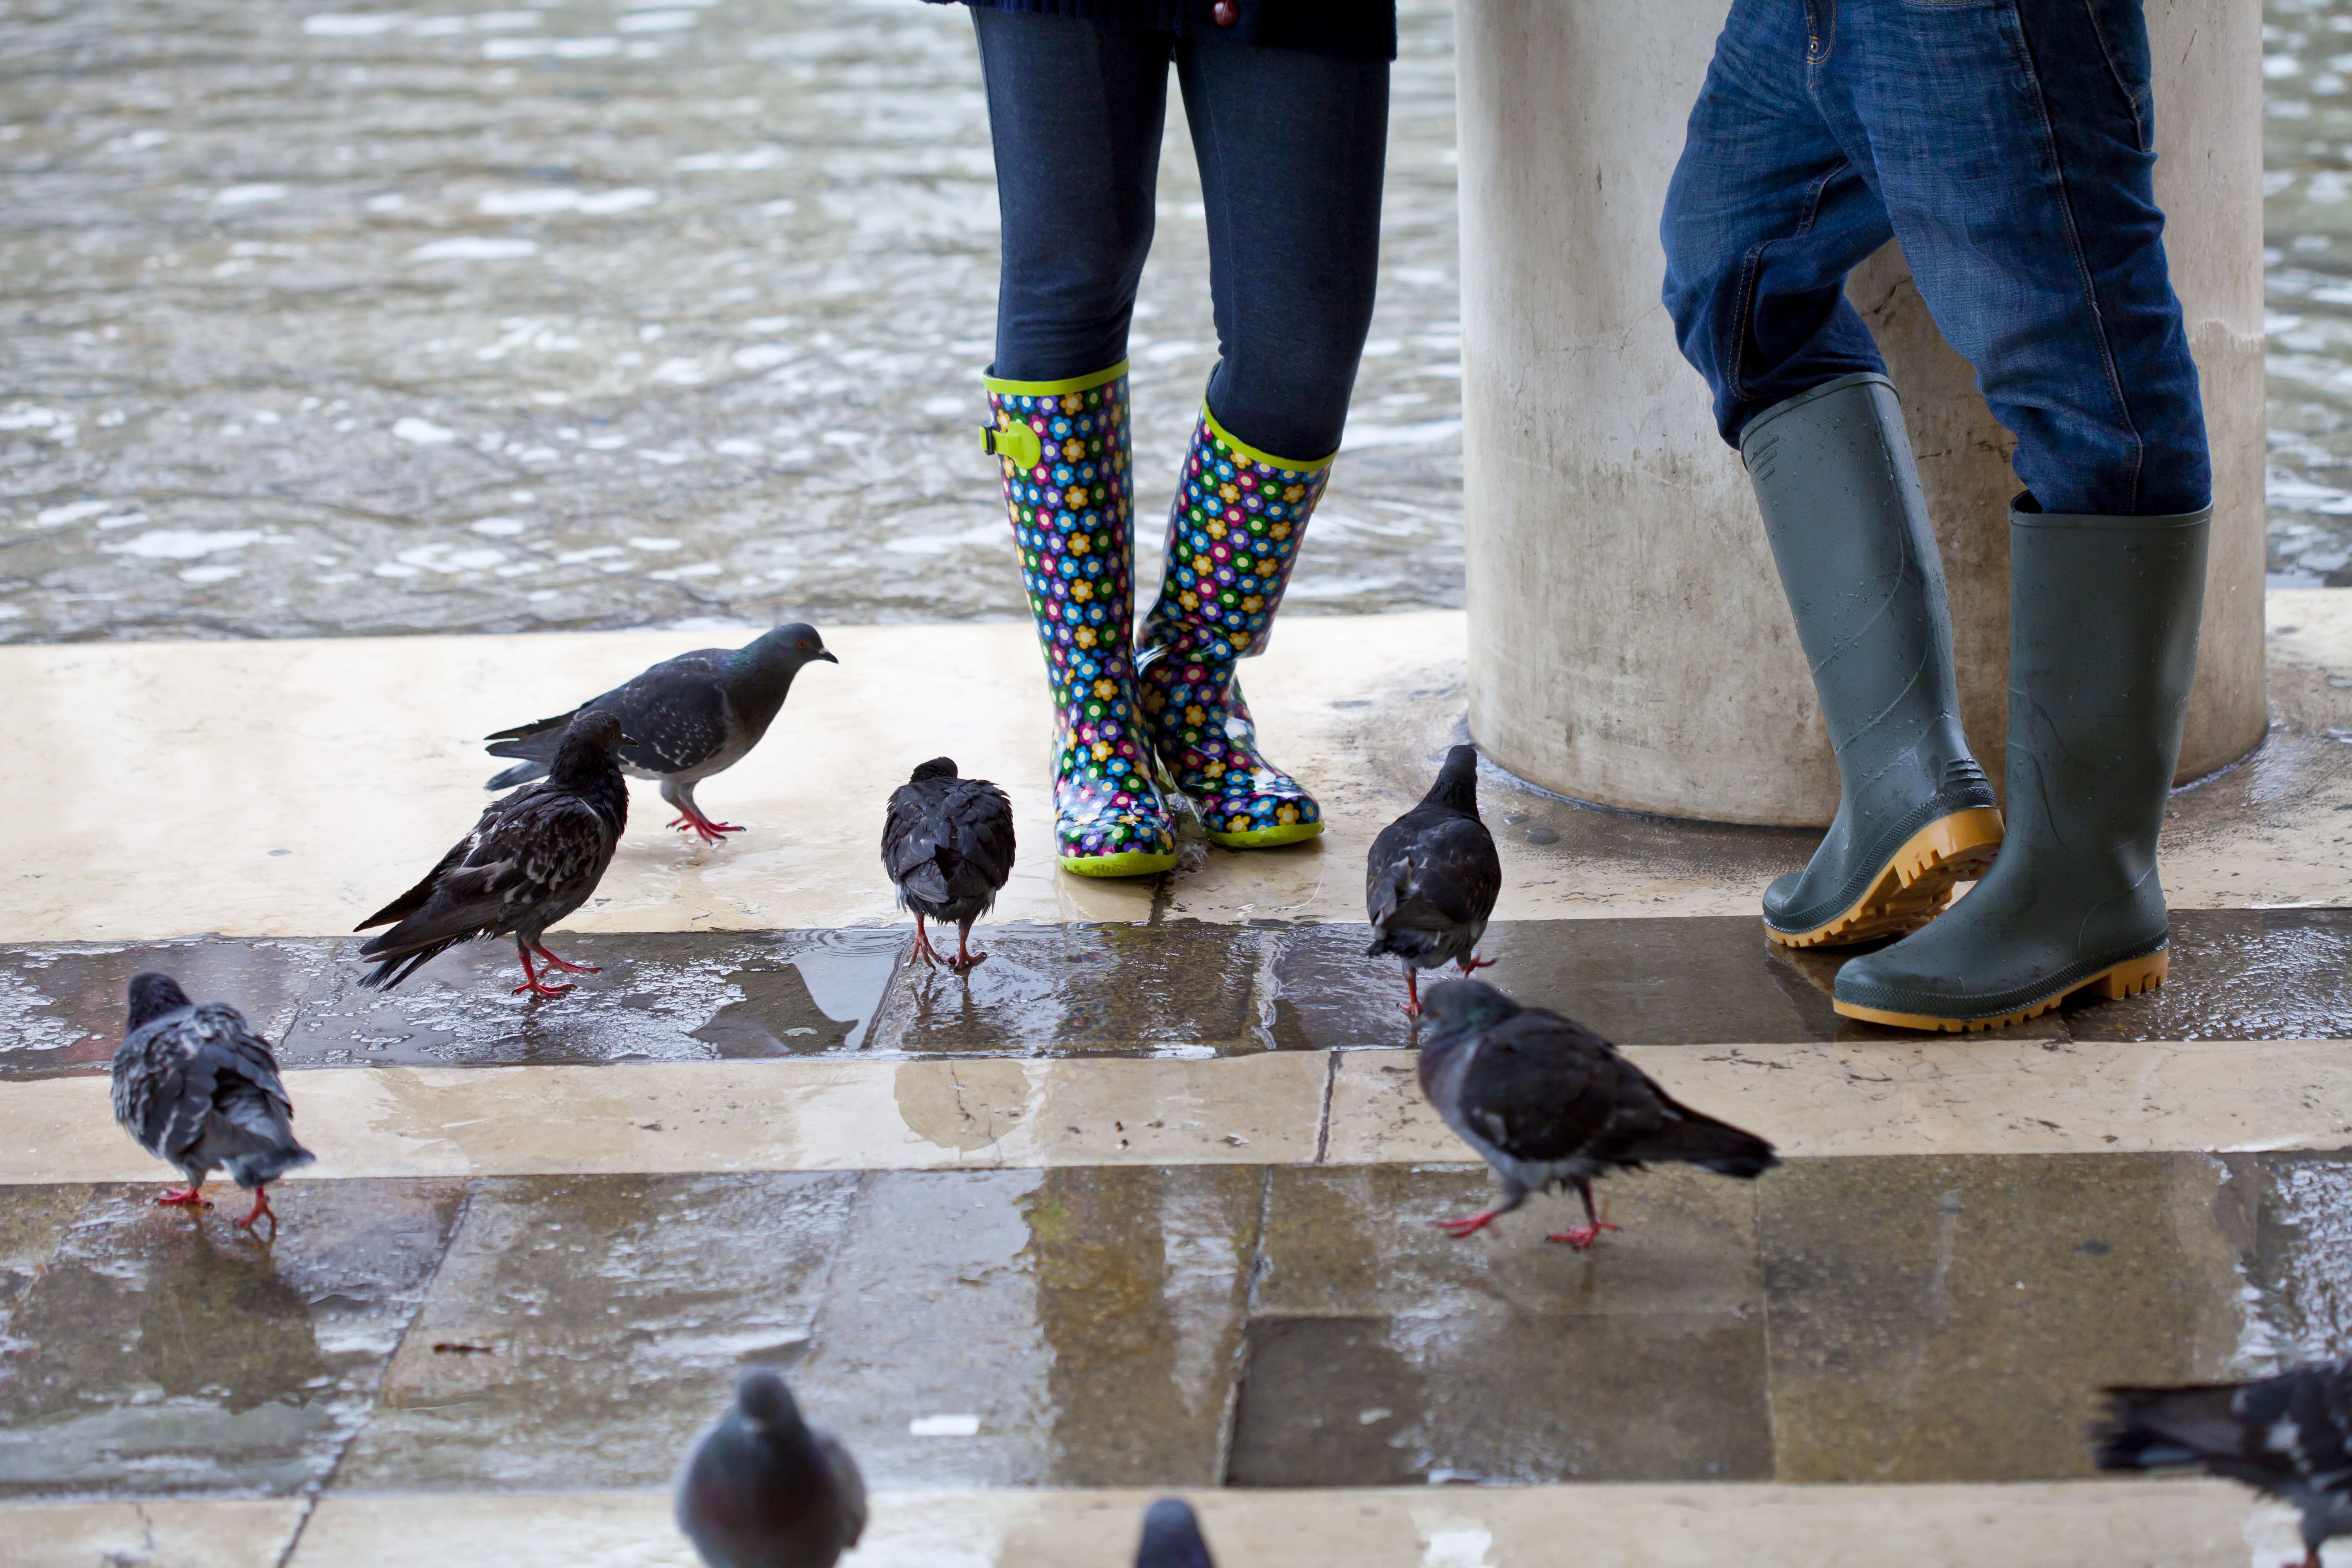 Ponte las botas de agua y pasea por San Marcos - Italia Circuito Italia Clásica: de Milán a Roma